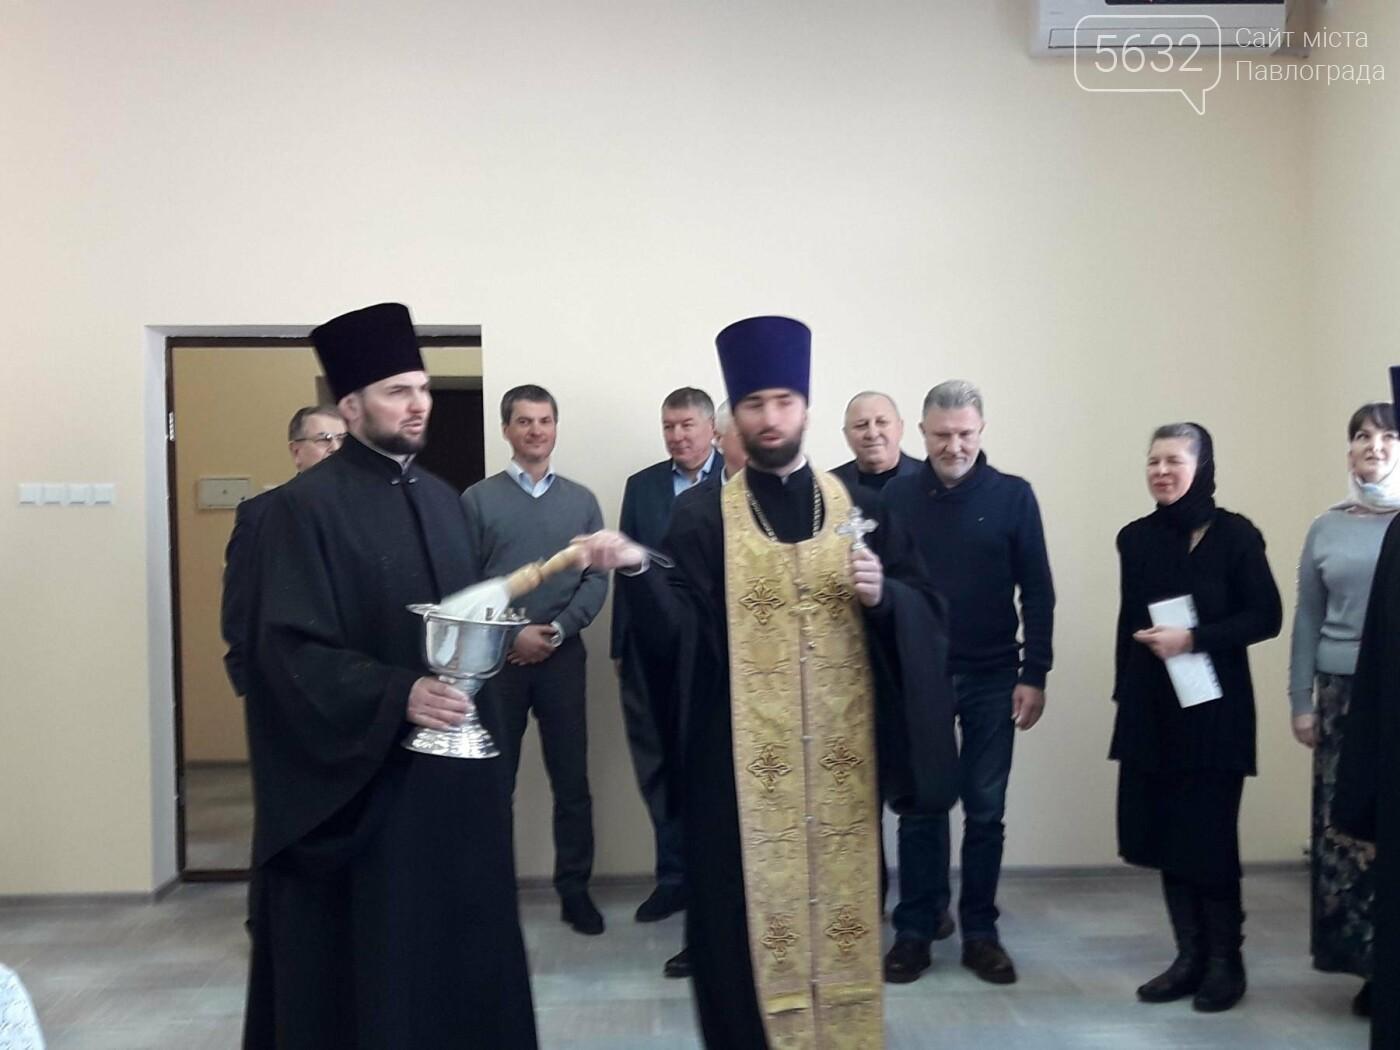 В Павлограде завершился первый этап реконструкции здания Духовно-исторического центра, фото-9